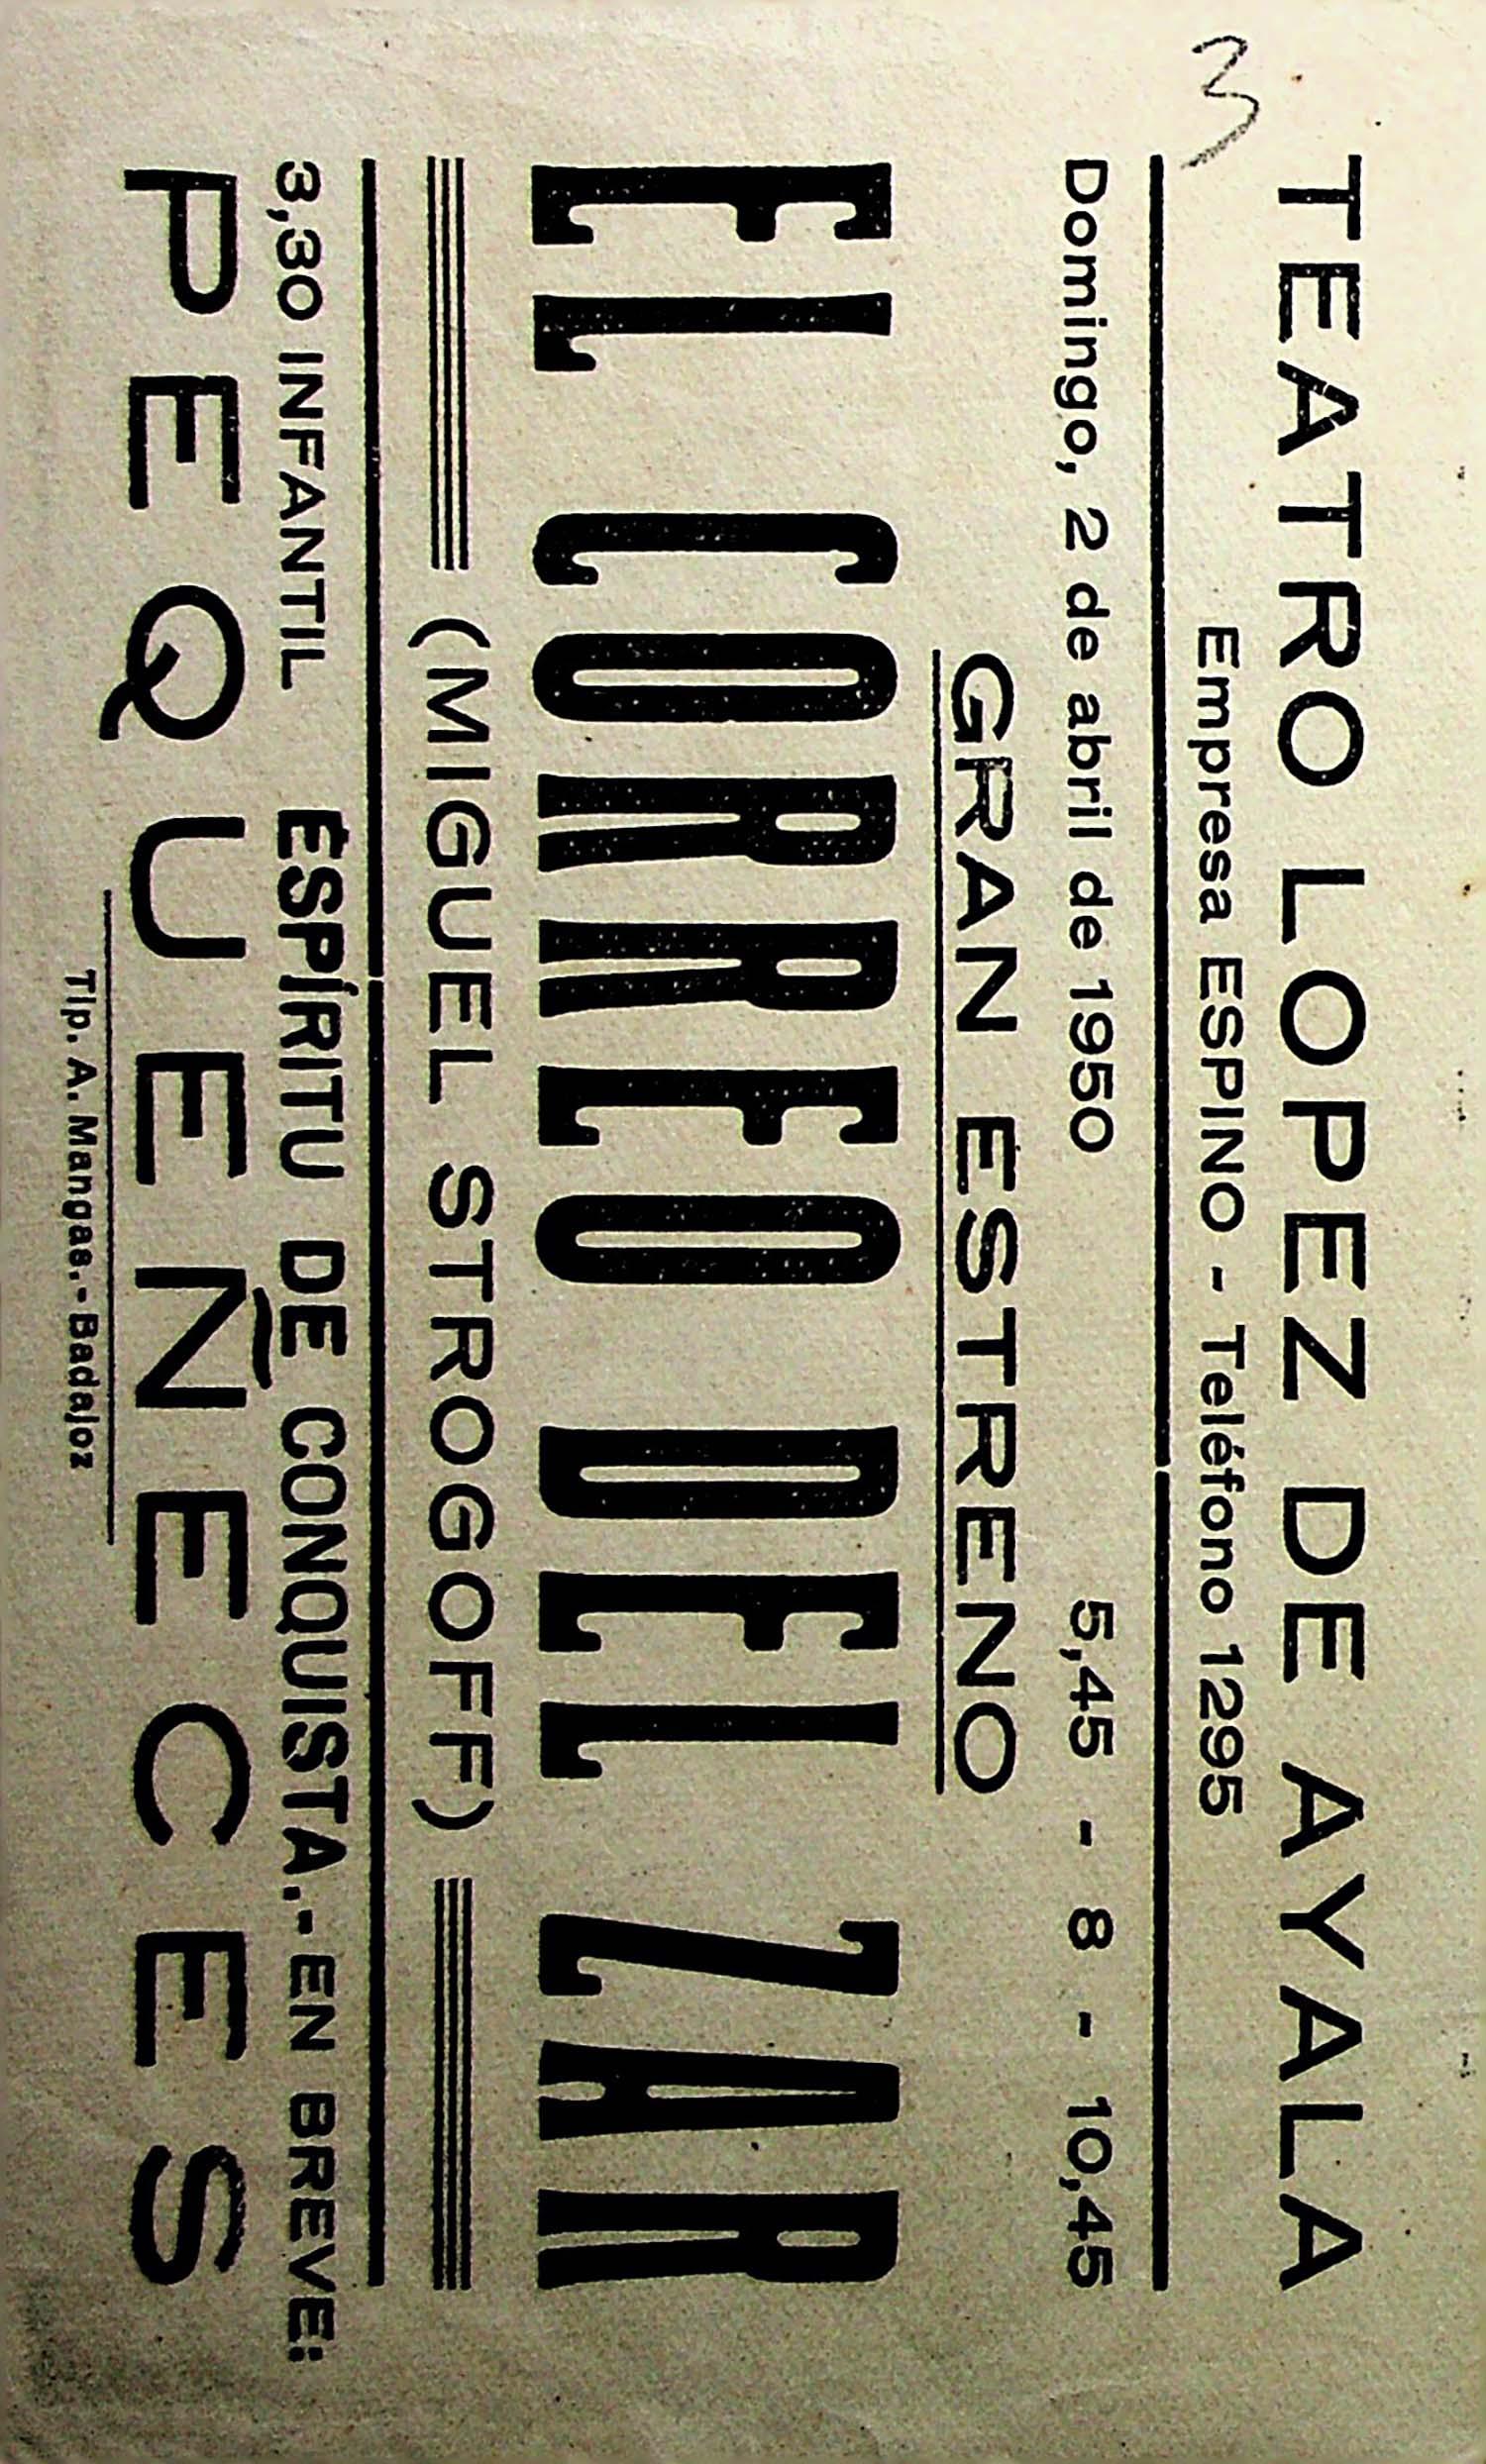 PROGRAMA DE MANO. EL CORREO DEL ZAR (MIGUEL STROGOFF). Julian Soler. CP